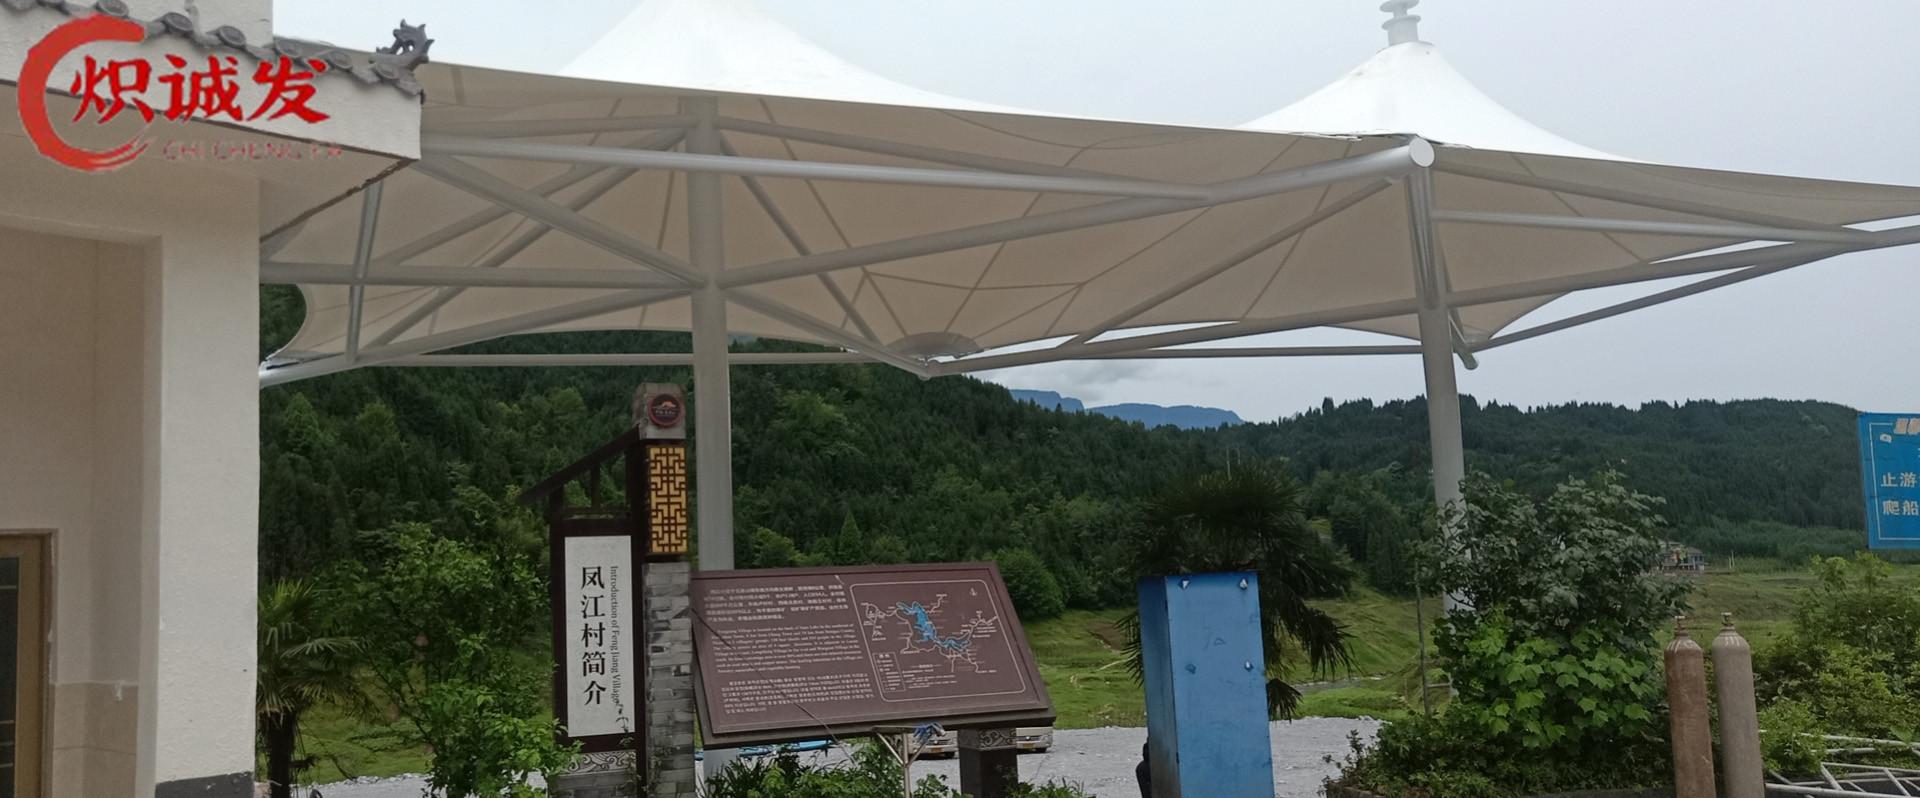 四川张拉膜-瓦屋山漂流中心景观膜结构工程